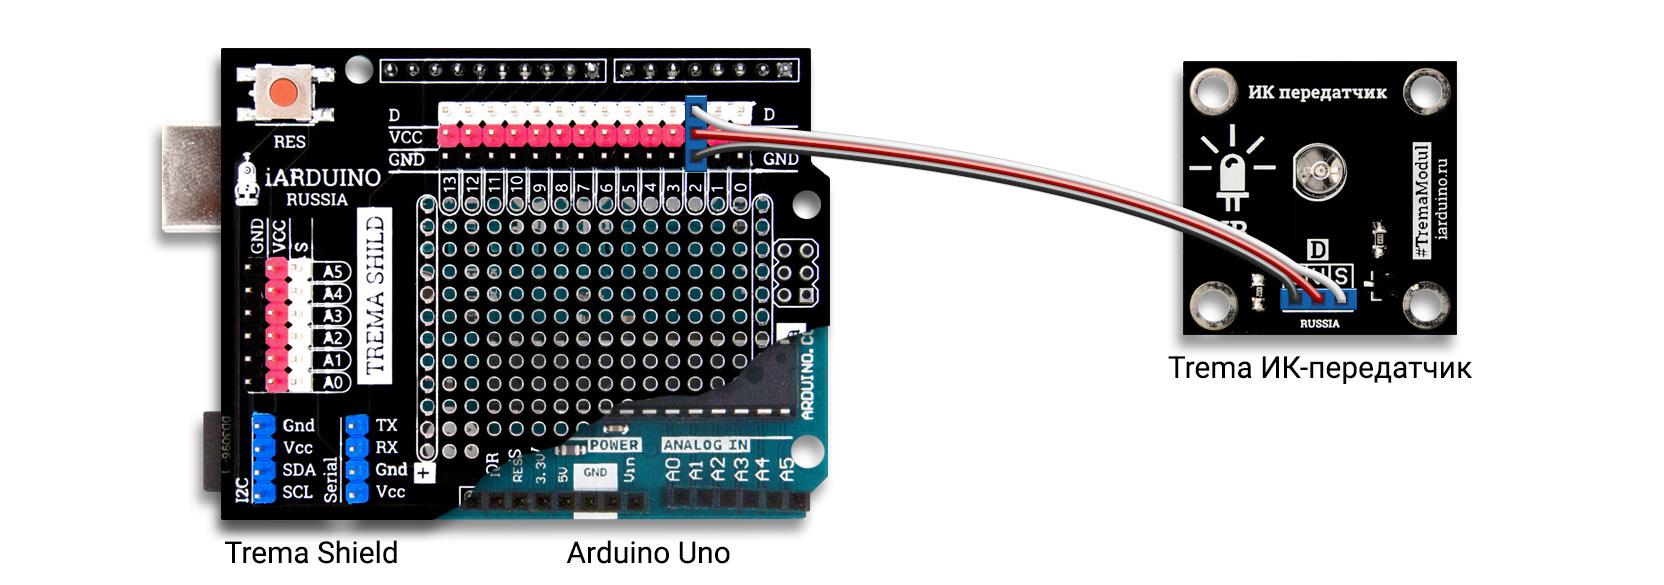 Схема подключения ИК-передатчика к Arduino